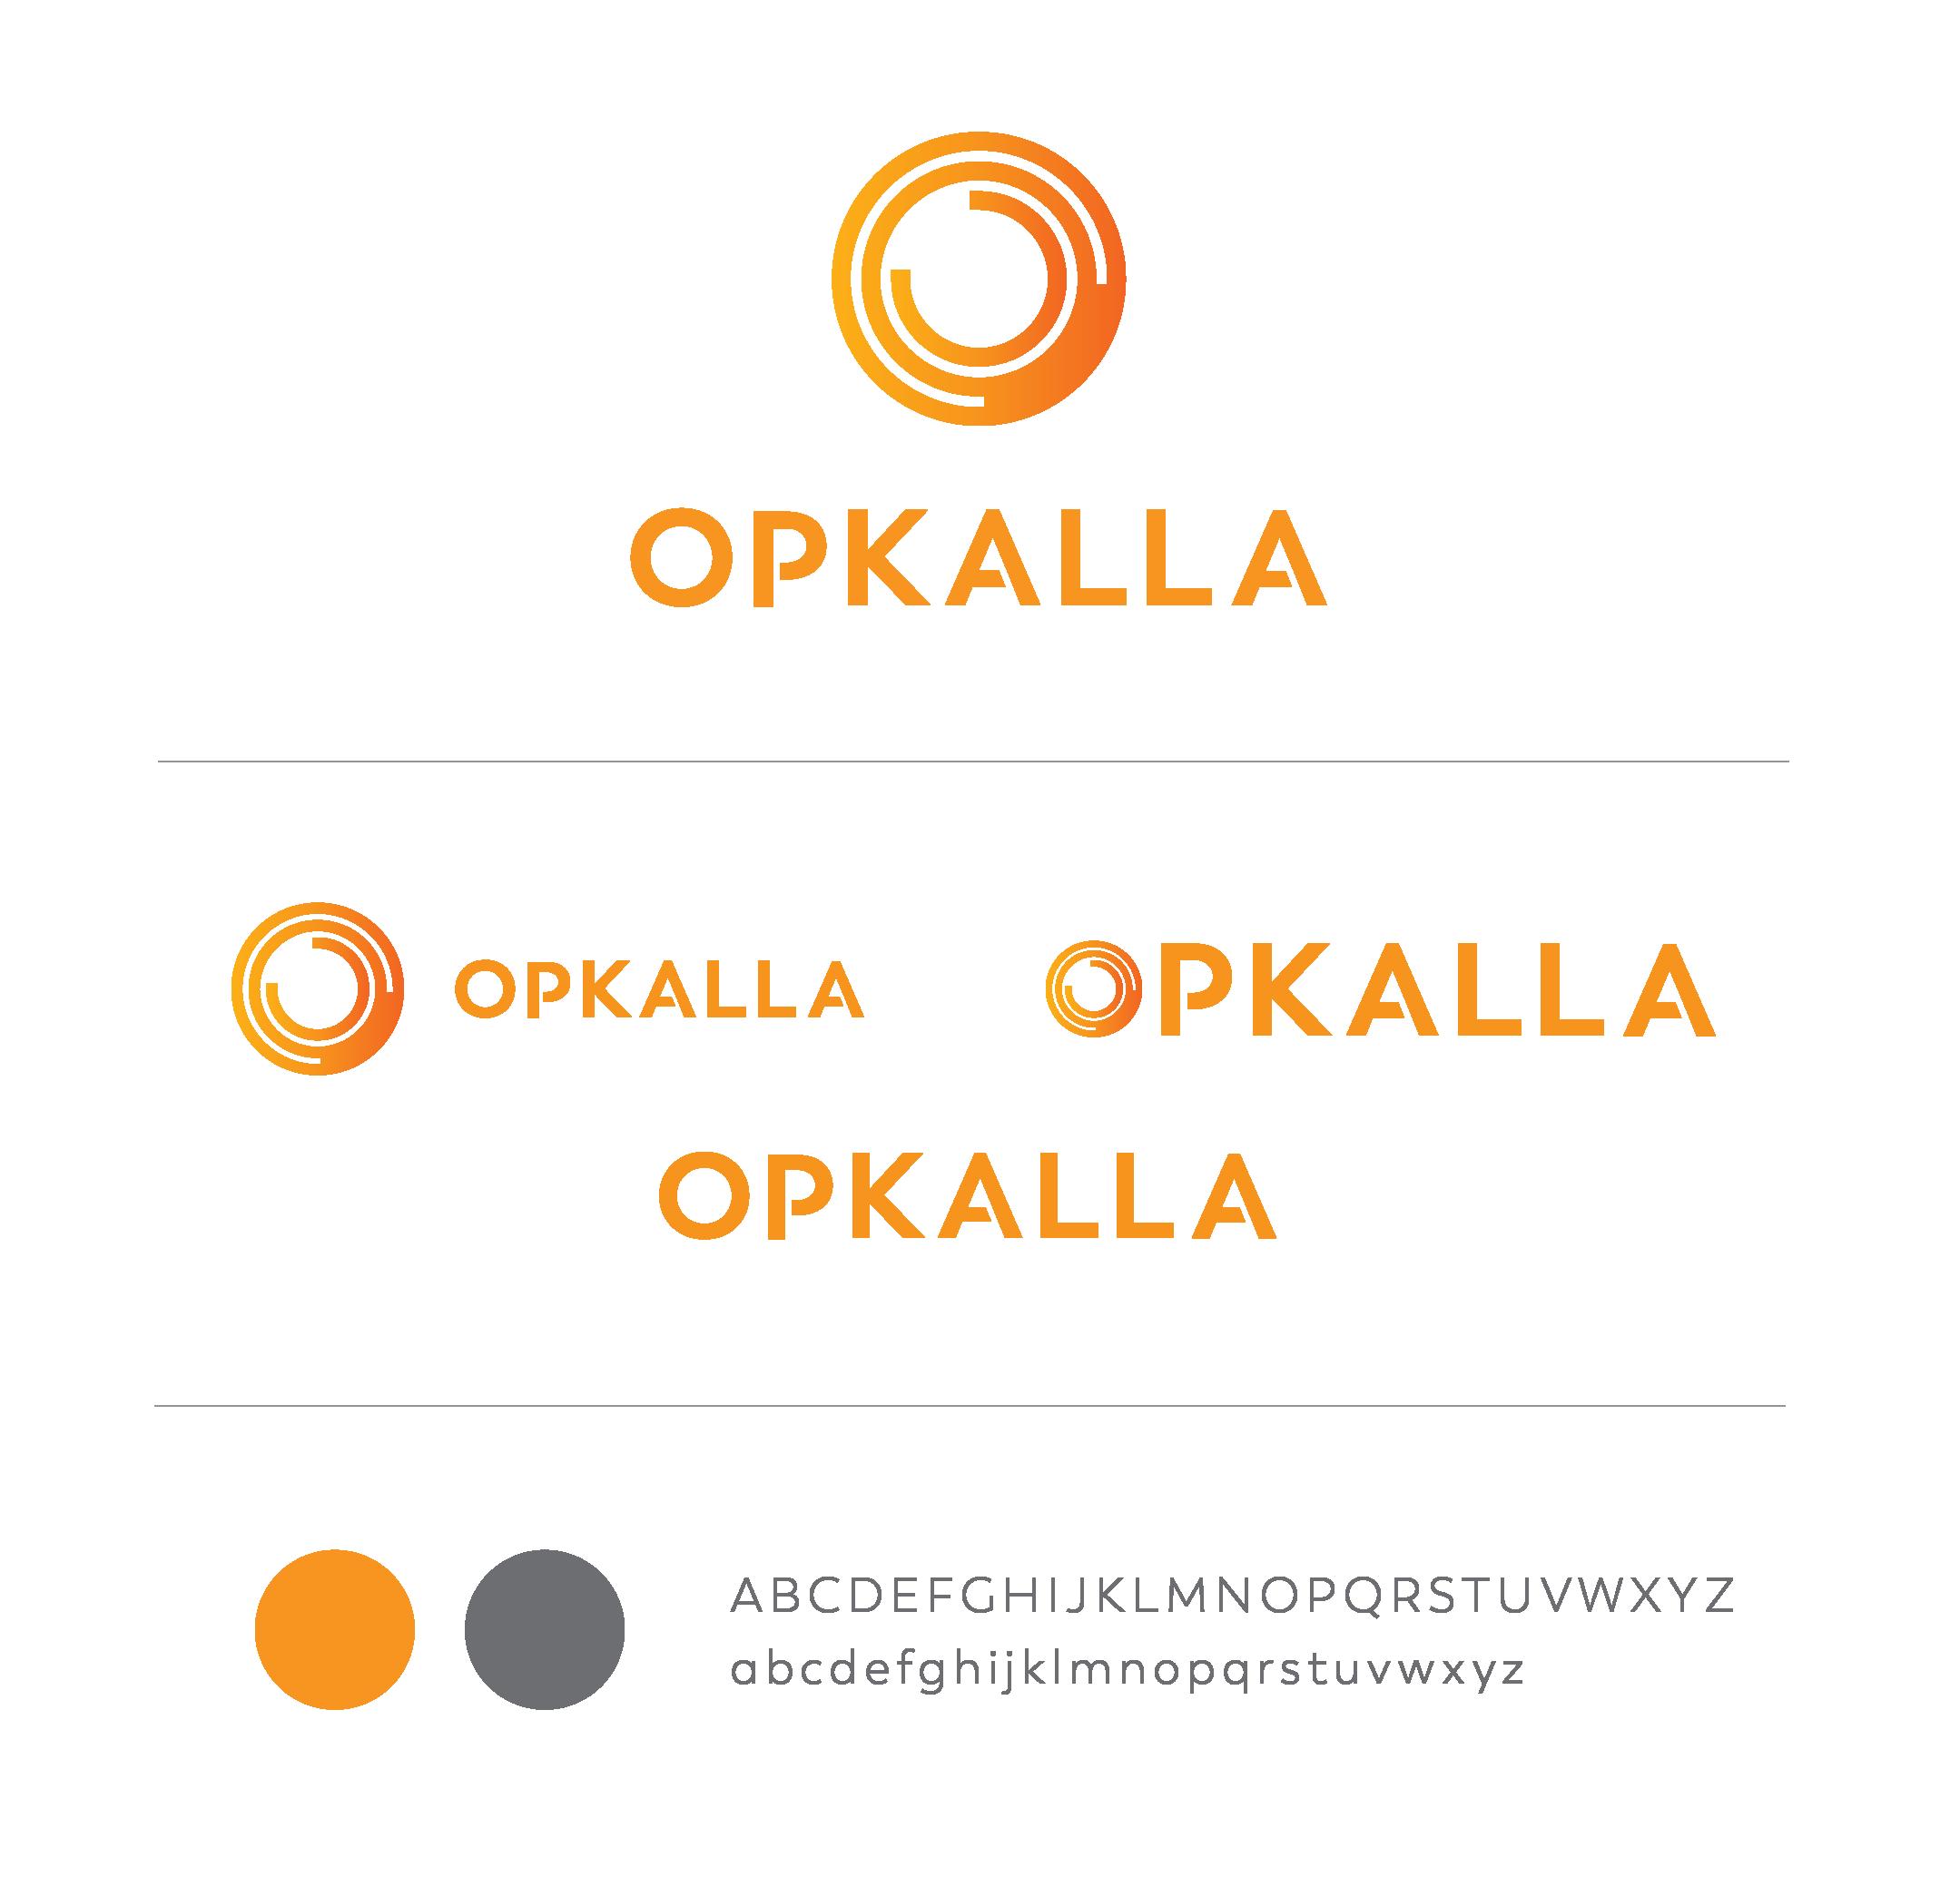 Opkalla-Logo-Template-04.png